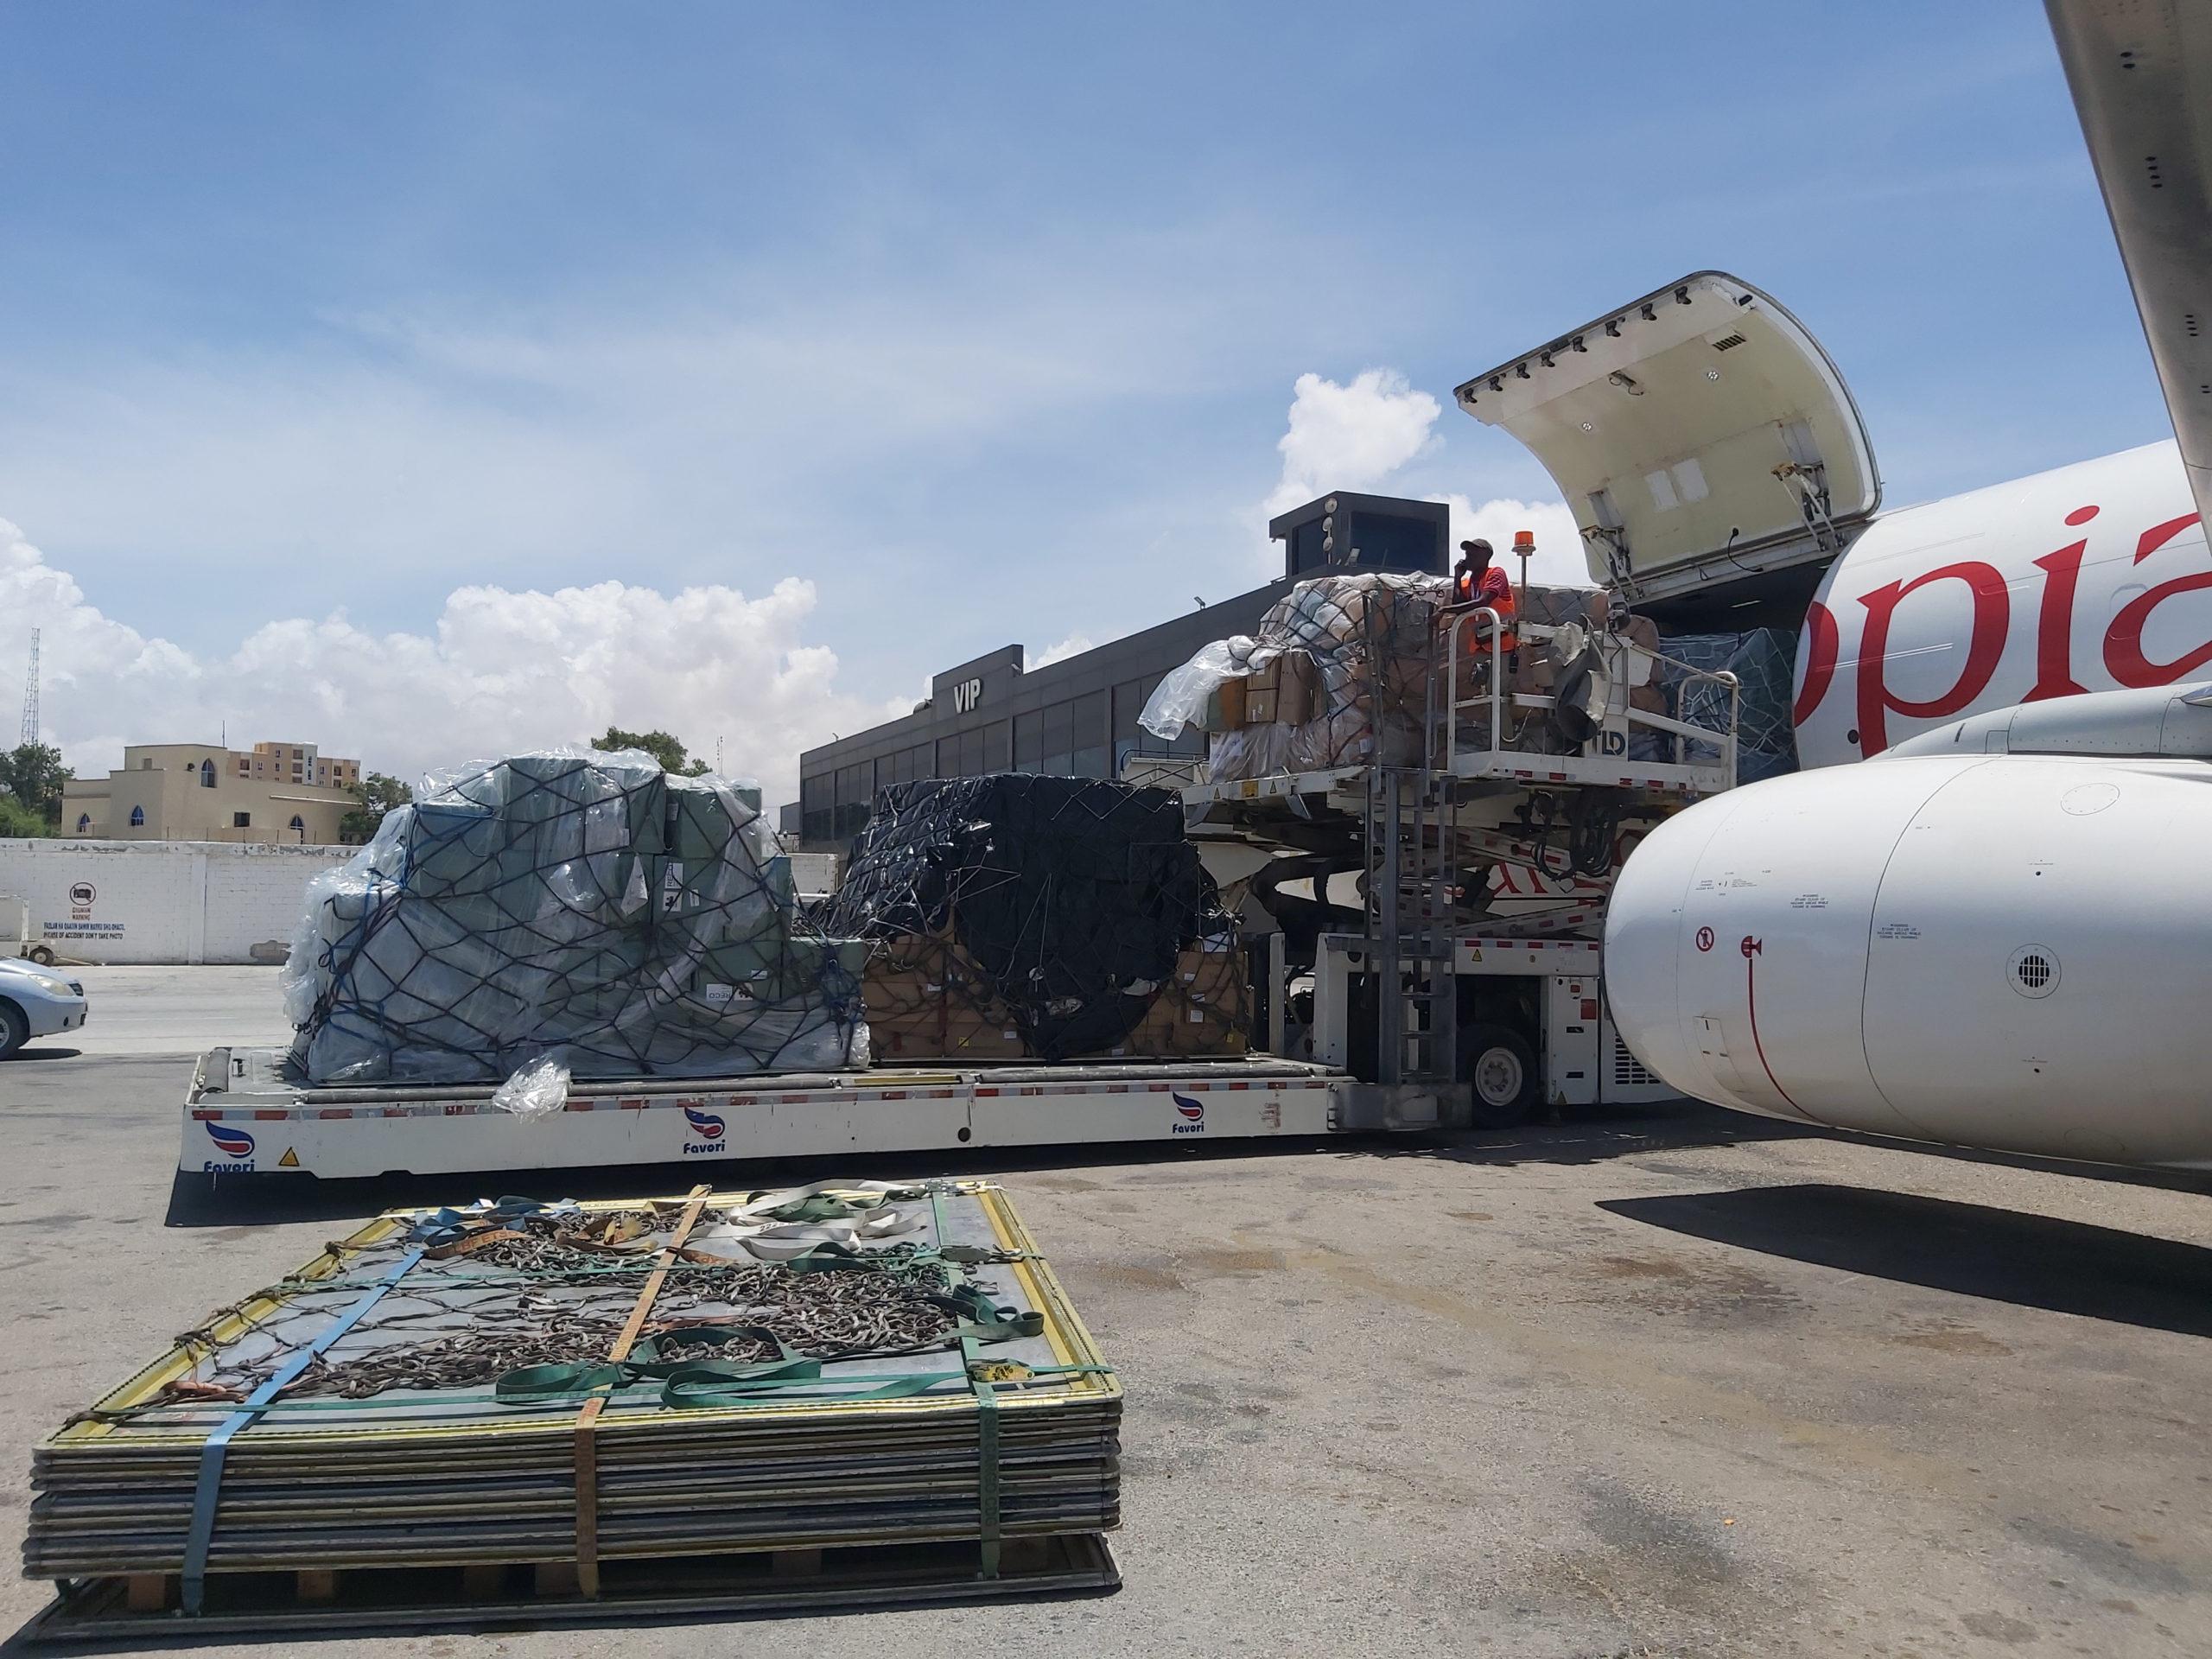 Déchargement de l'aide transportée par les vols de solidarité. Aéroport international de Aden Adde (Somalie). Crédit: WFP/ Erik Forsman